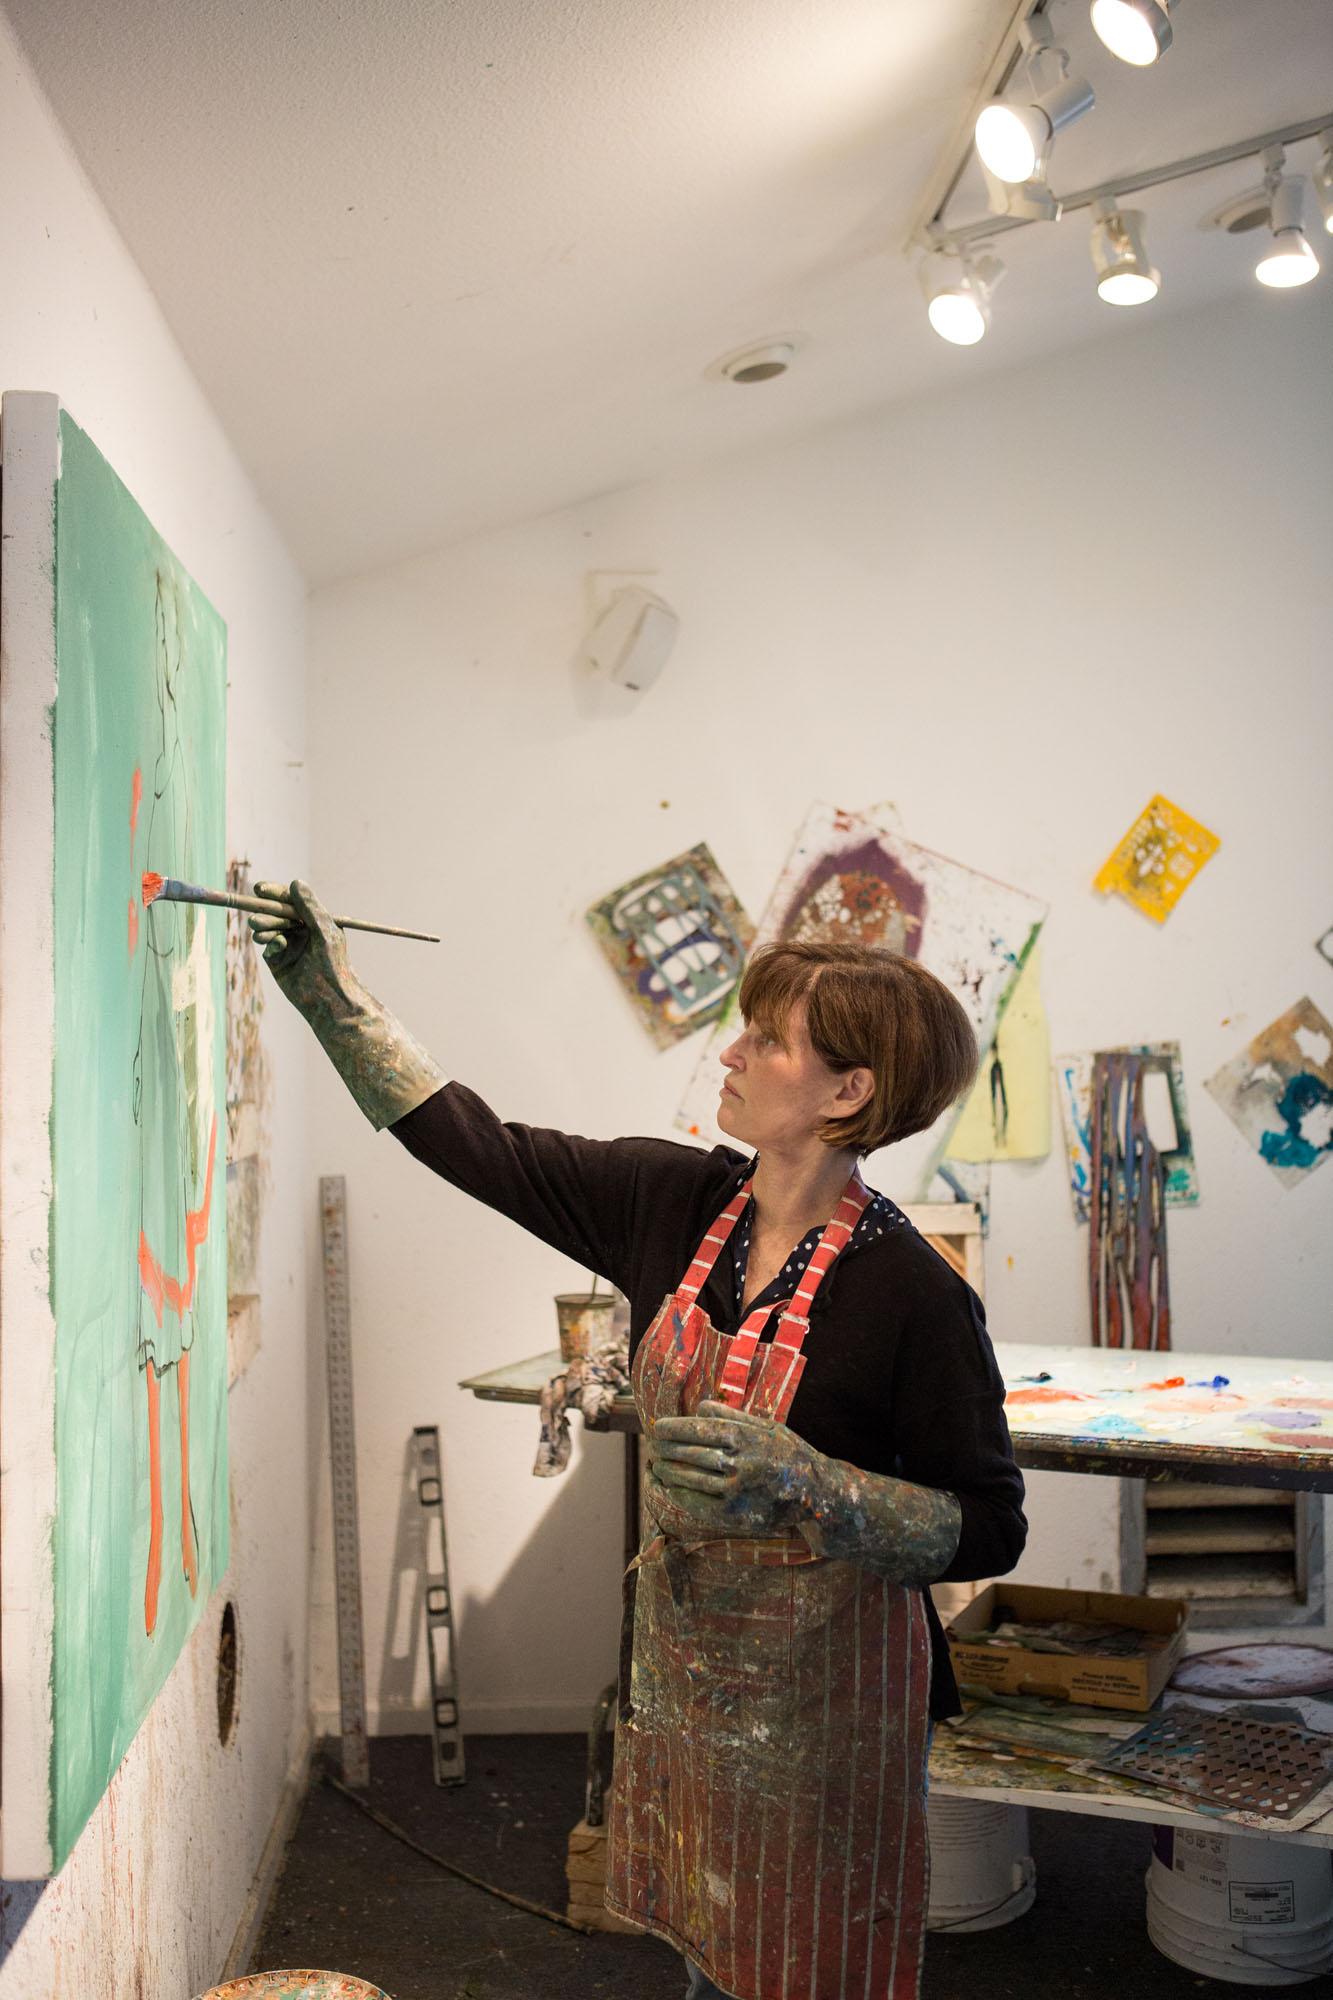 Linda-Christensen-artist-studio-branding-photos-oil-painter04.jpg